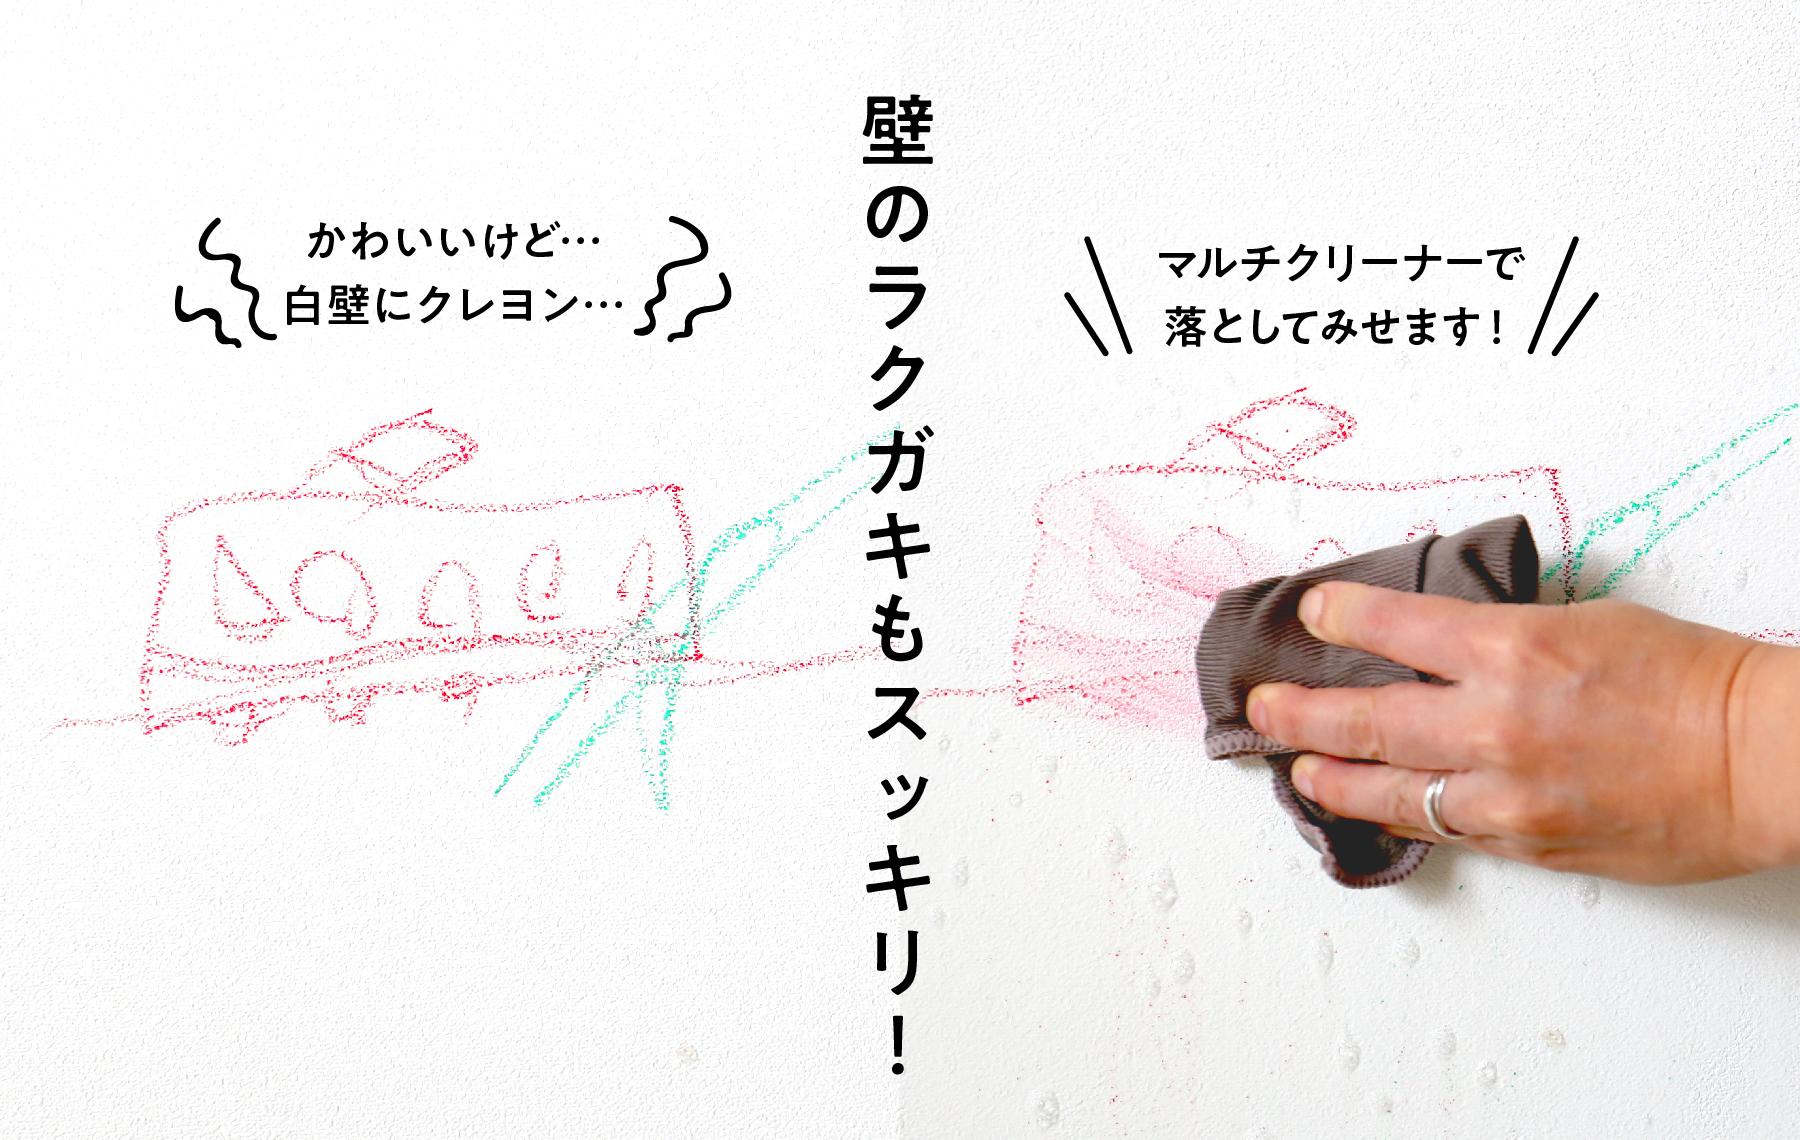 ECO MULTI CLEANERのすすめ <br>〈リビング・子ども・ペット編〉